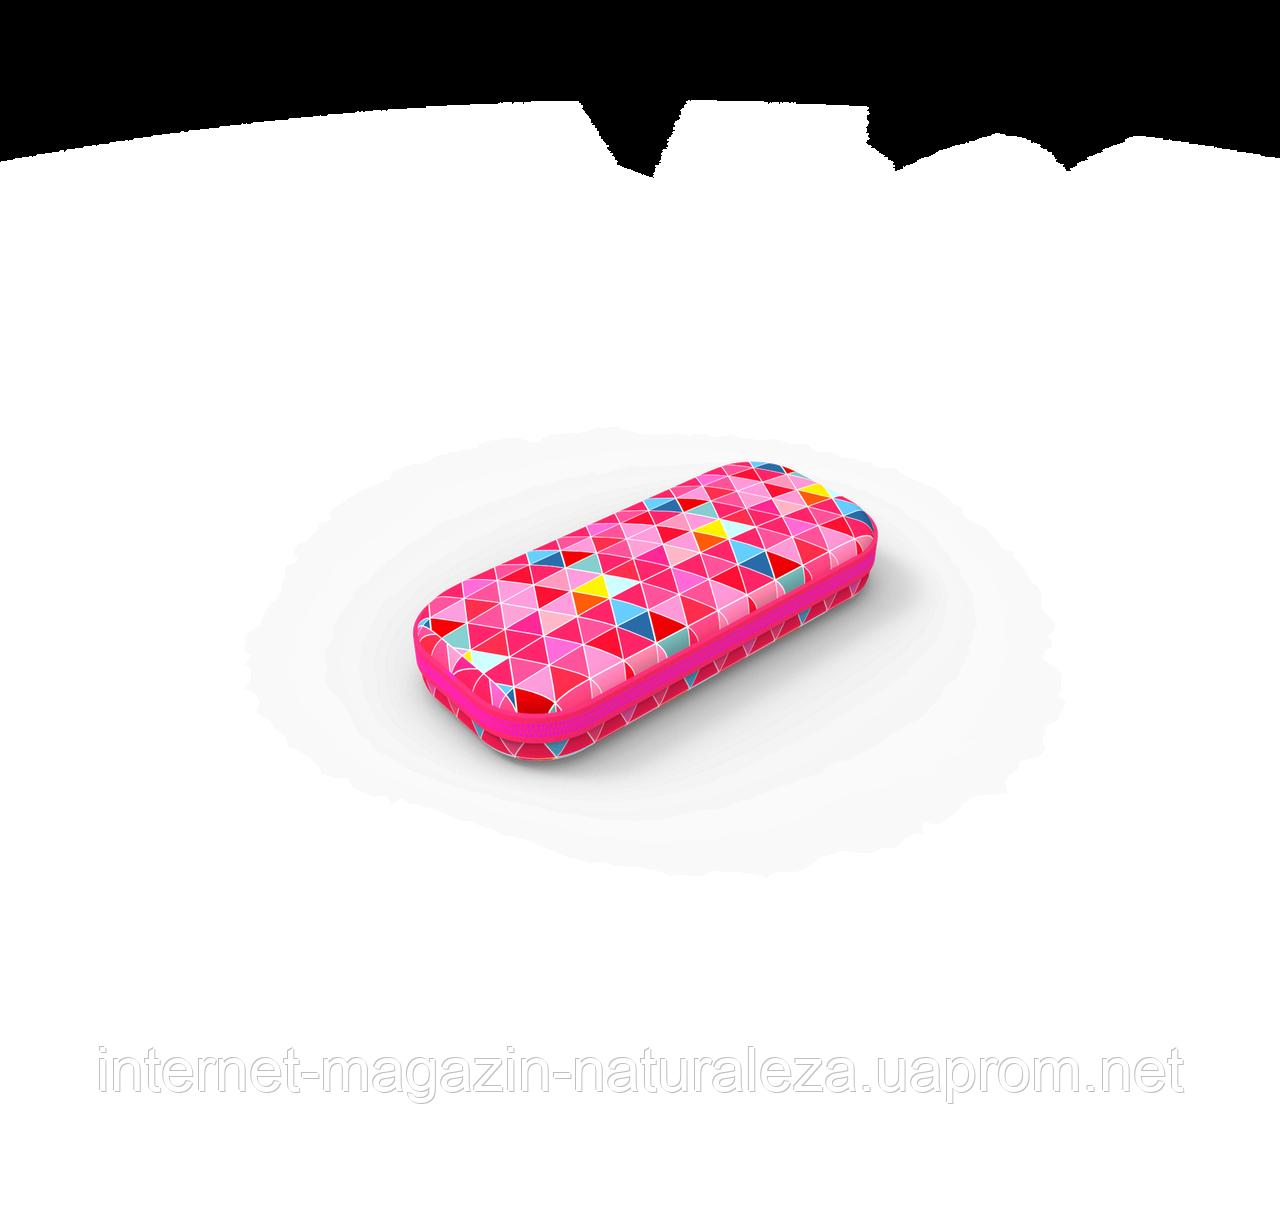 Пенал ТМ Zipit Colorz Box цвет Pink ( розовый )